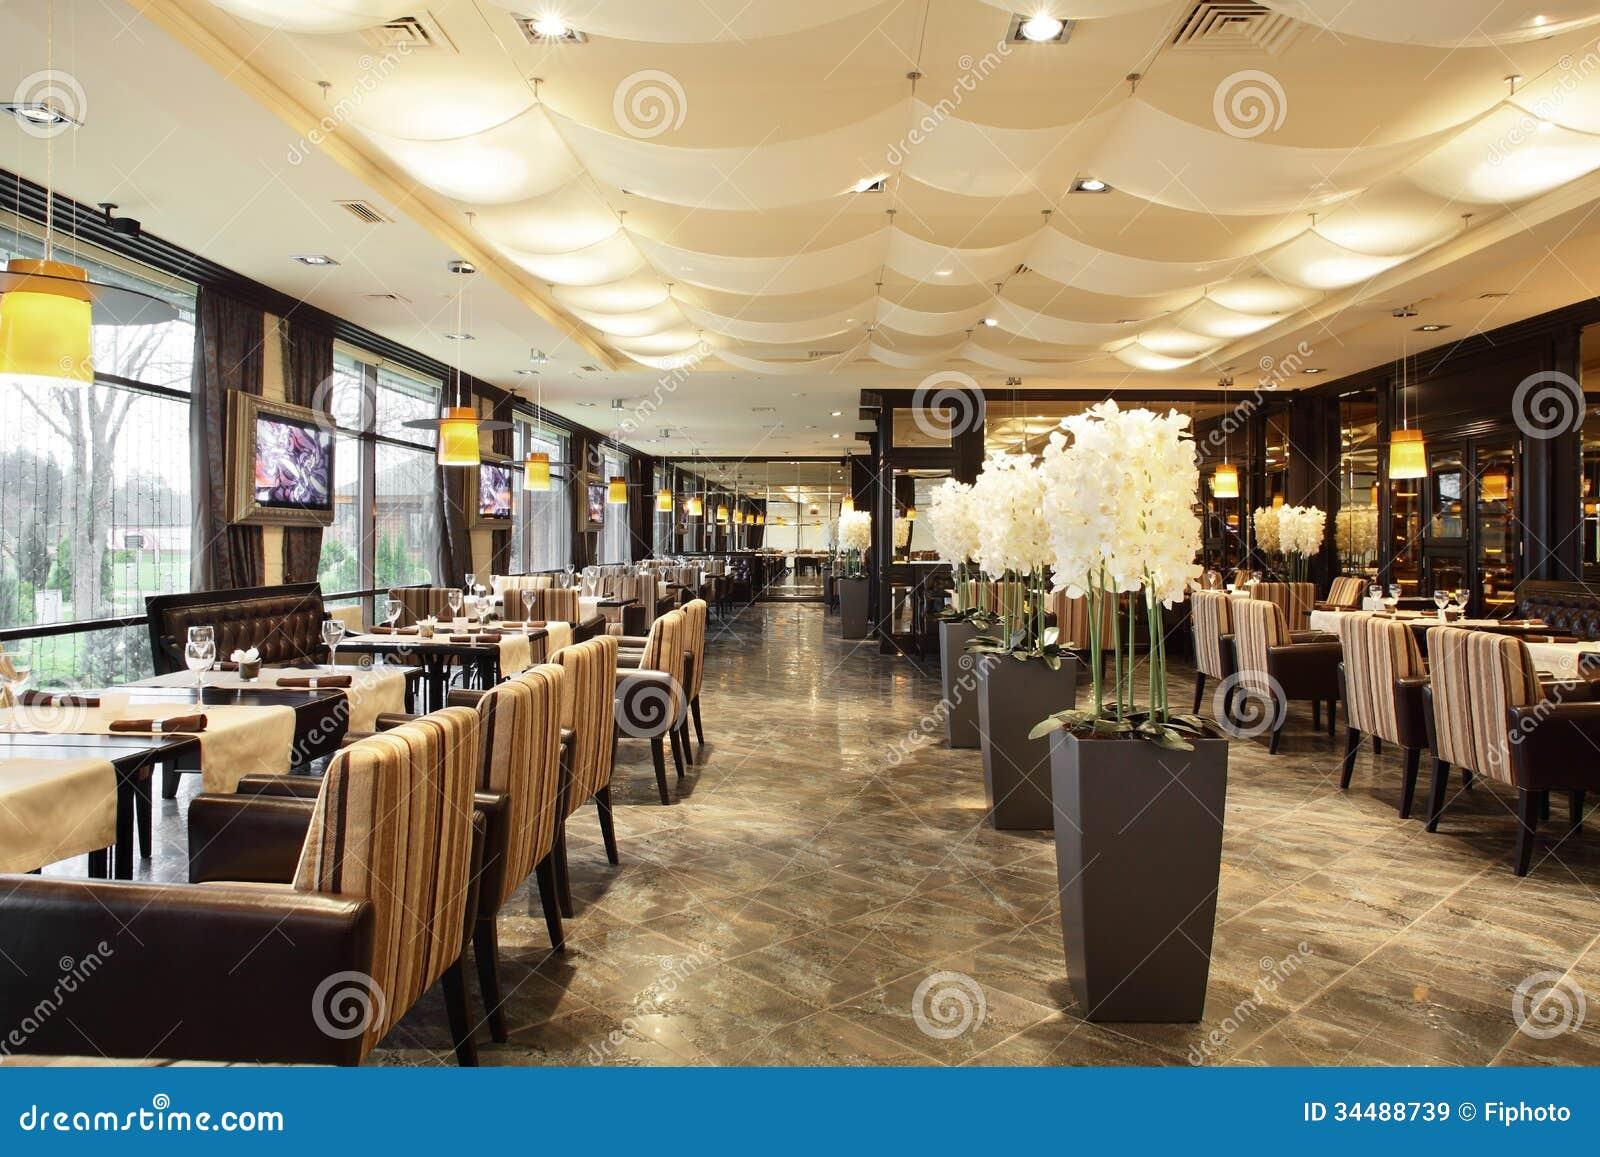 Luxusrestaurant in der europ ischen art lizenzfreie stockbilder bild 34488739 - Fermob luxembourg saldi ...